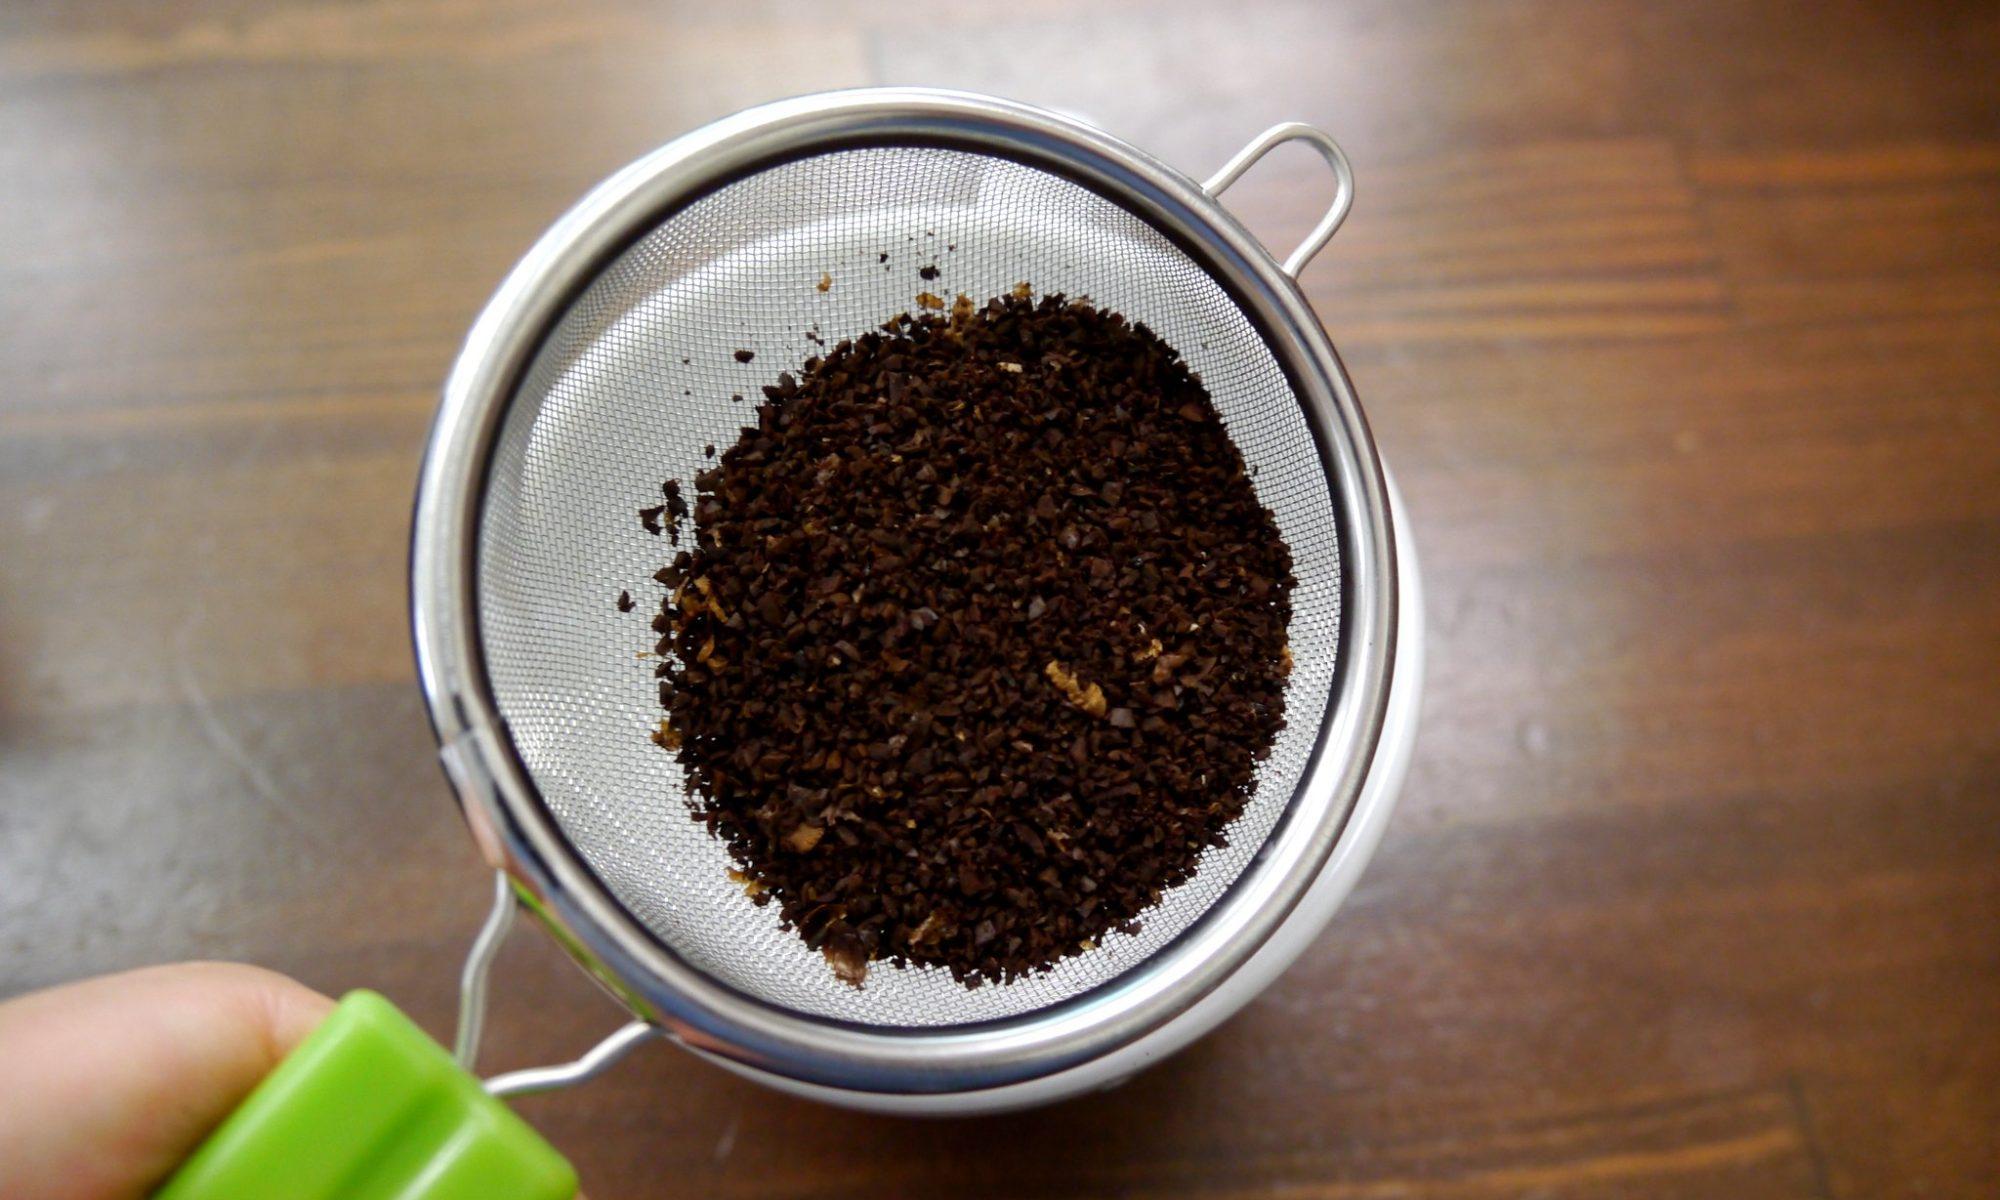 コーヒー豆の微粉を茶漉しで取り除きます。